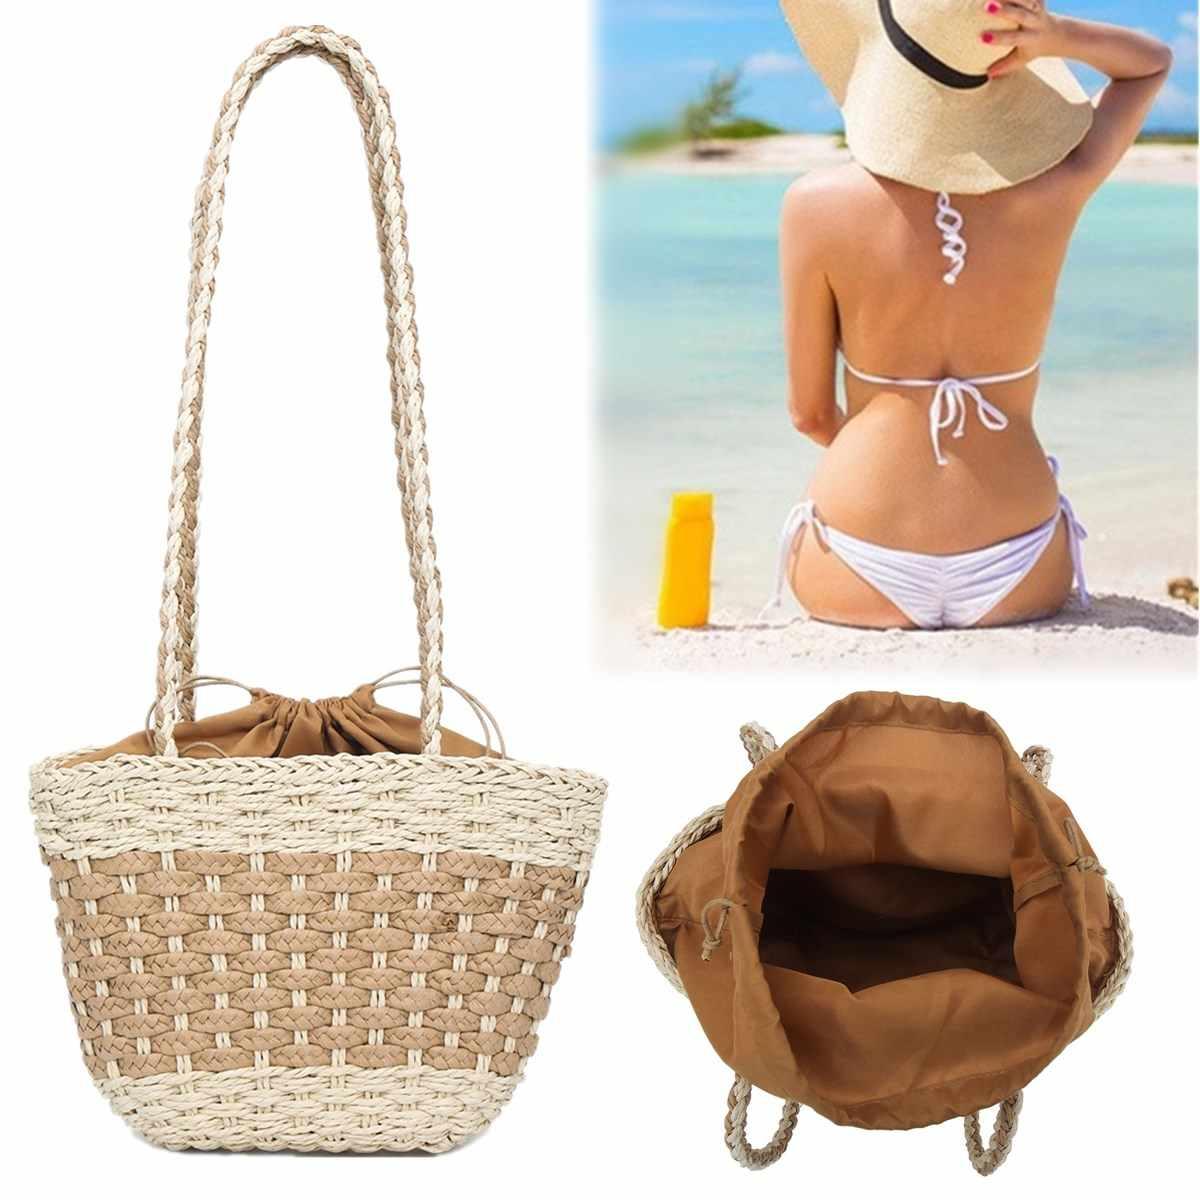 Venda quente do Verão Saco de Praia Bolsa de Rattan Bolsa De Palha Mulheres Bali Tecelagem Bolsas Senhoras Baldes Saco Crossbody bolsa de Ombro Com Cordão